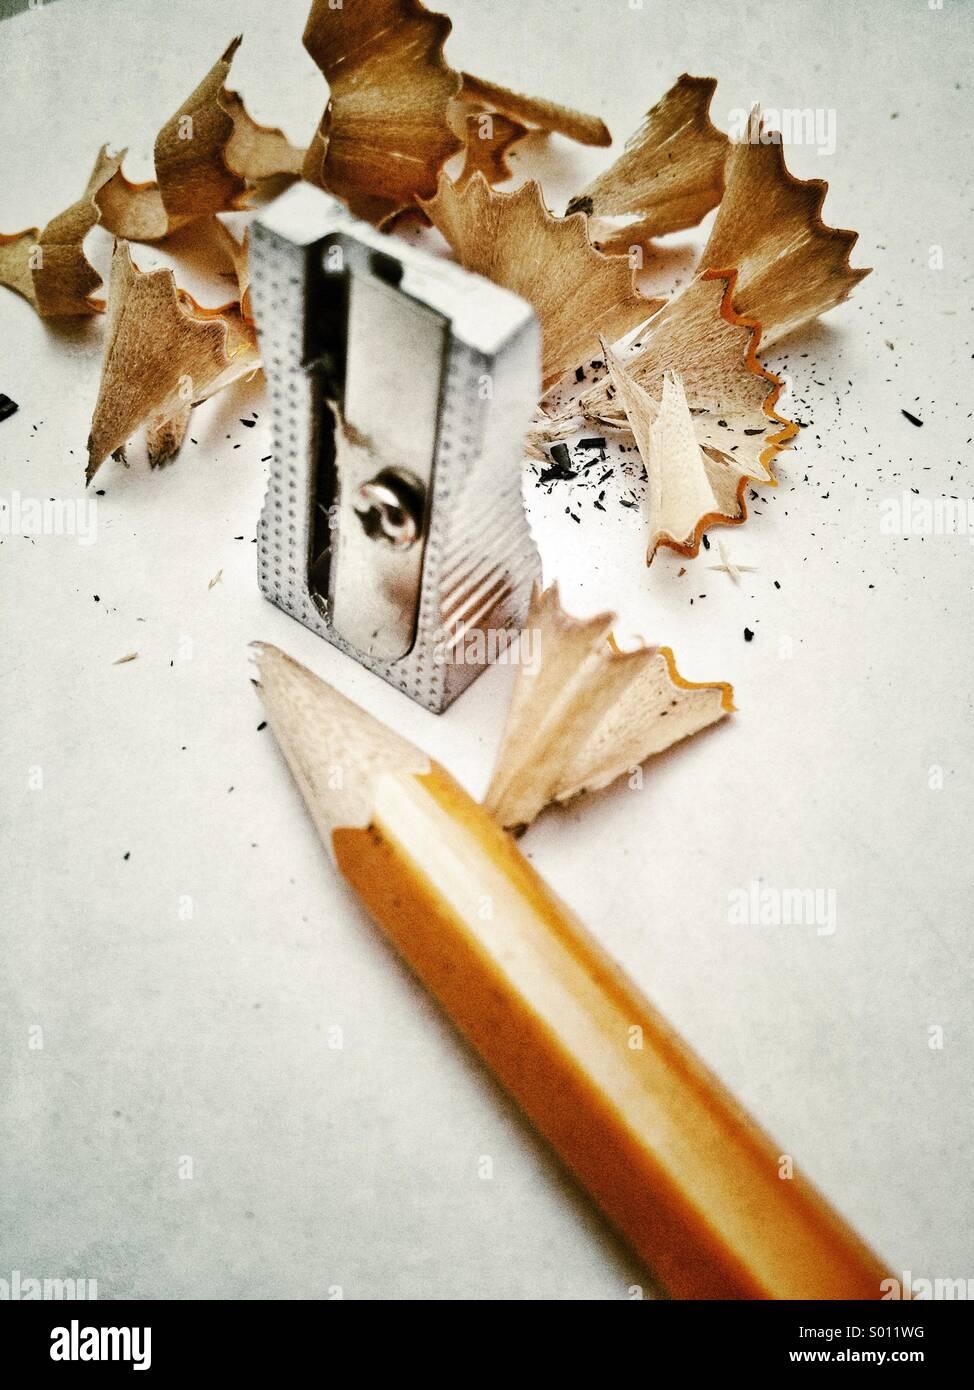 Broken pencil lead - Stock Image